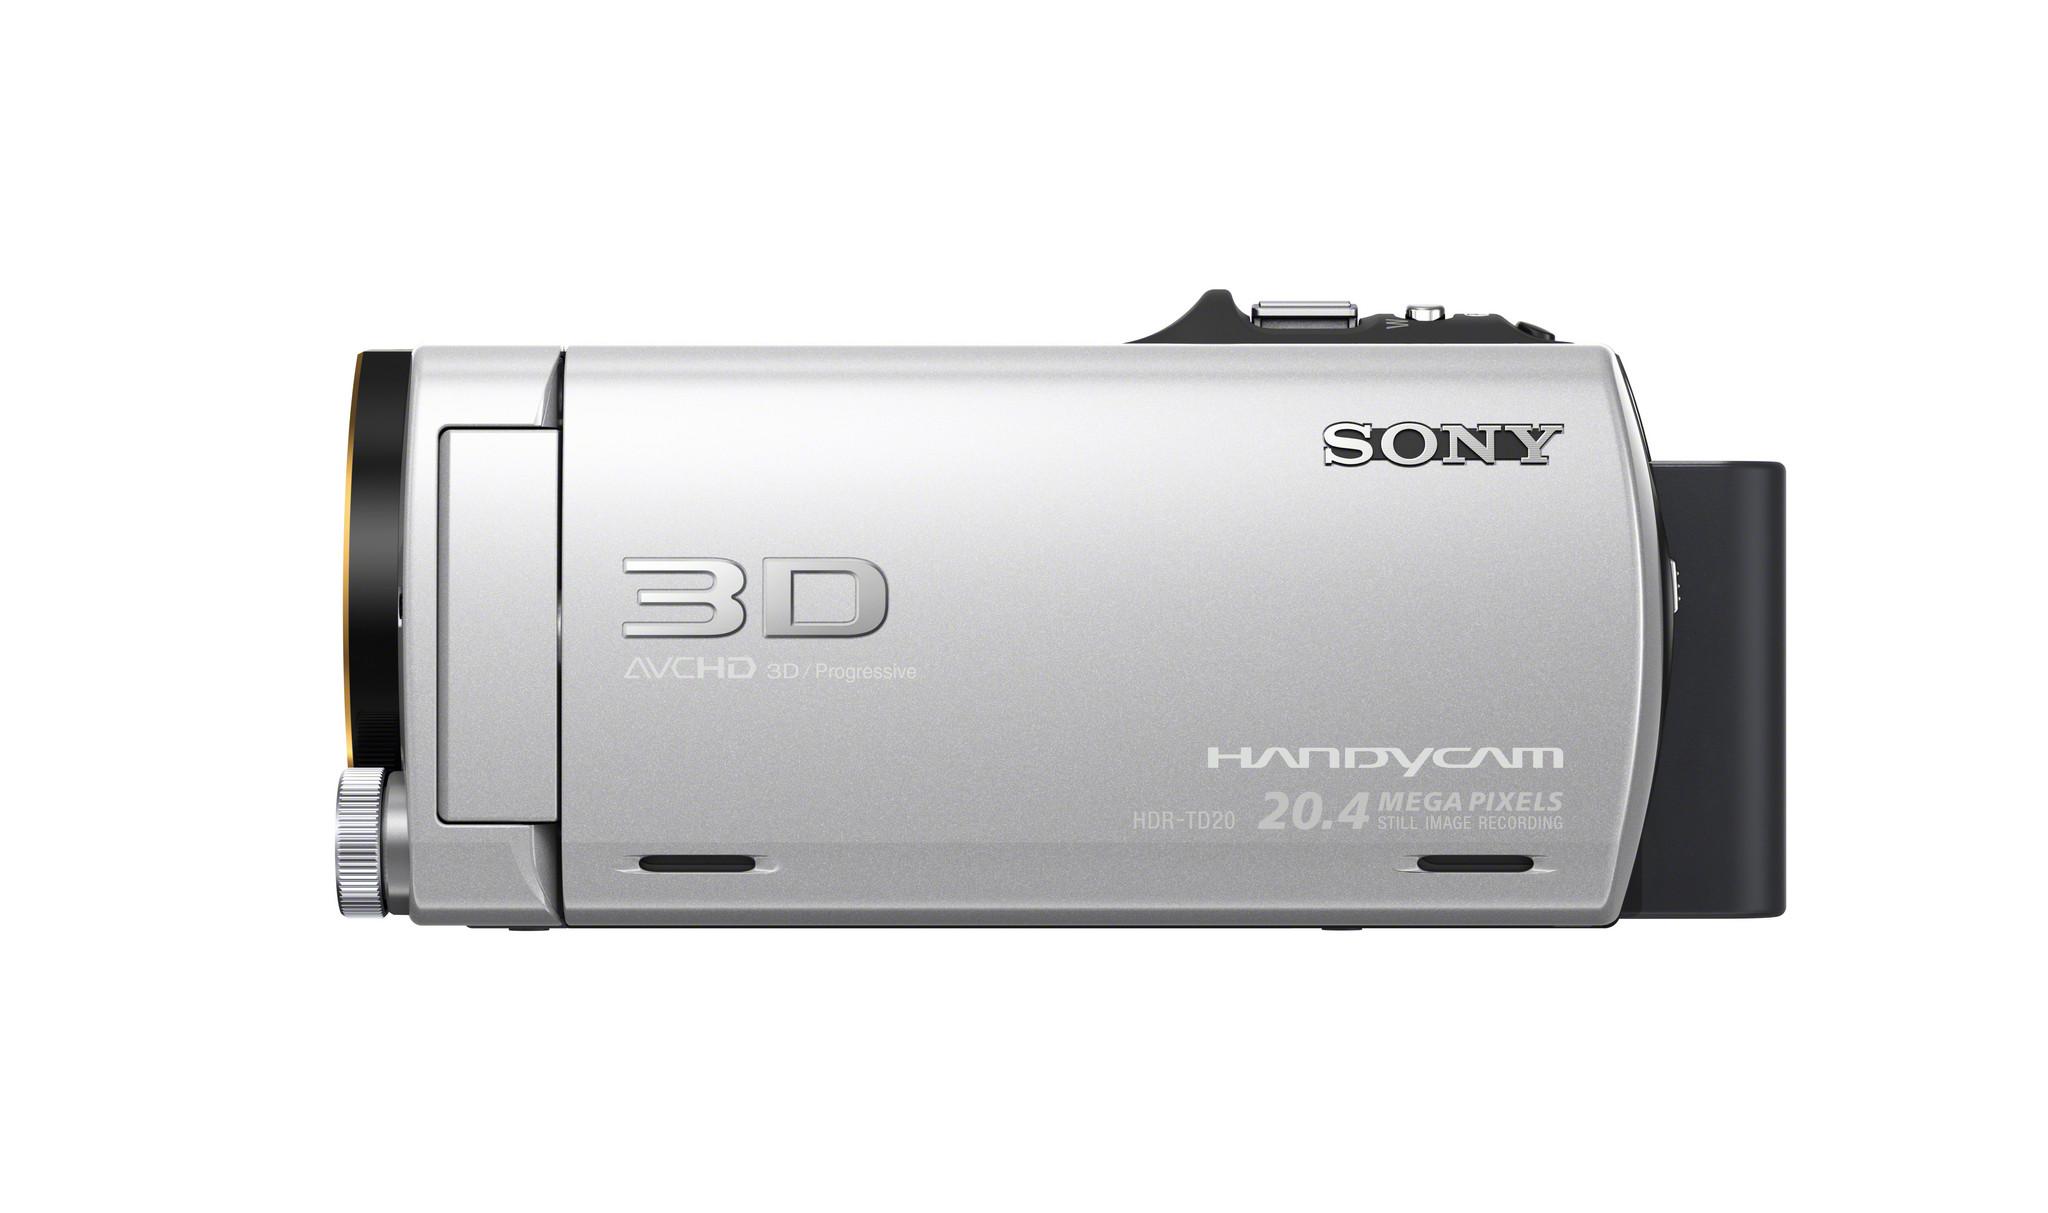 Sony 3D TD20VE (4).jpg